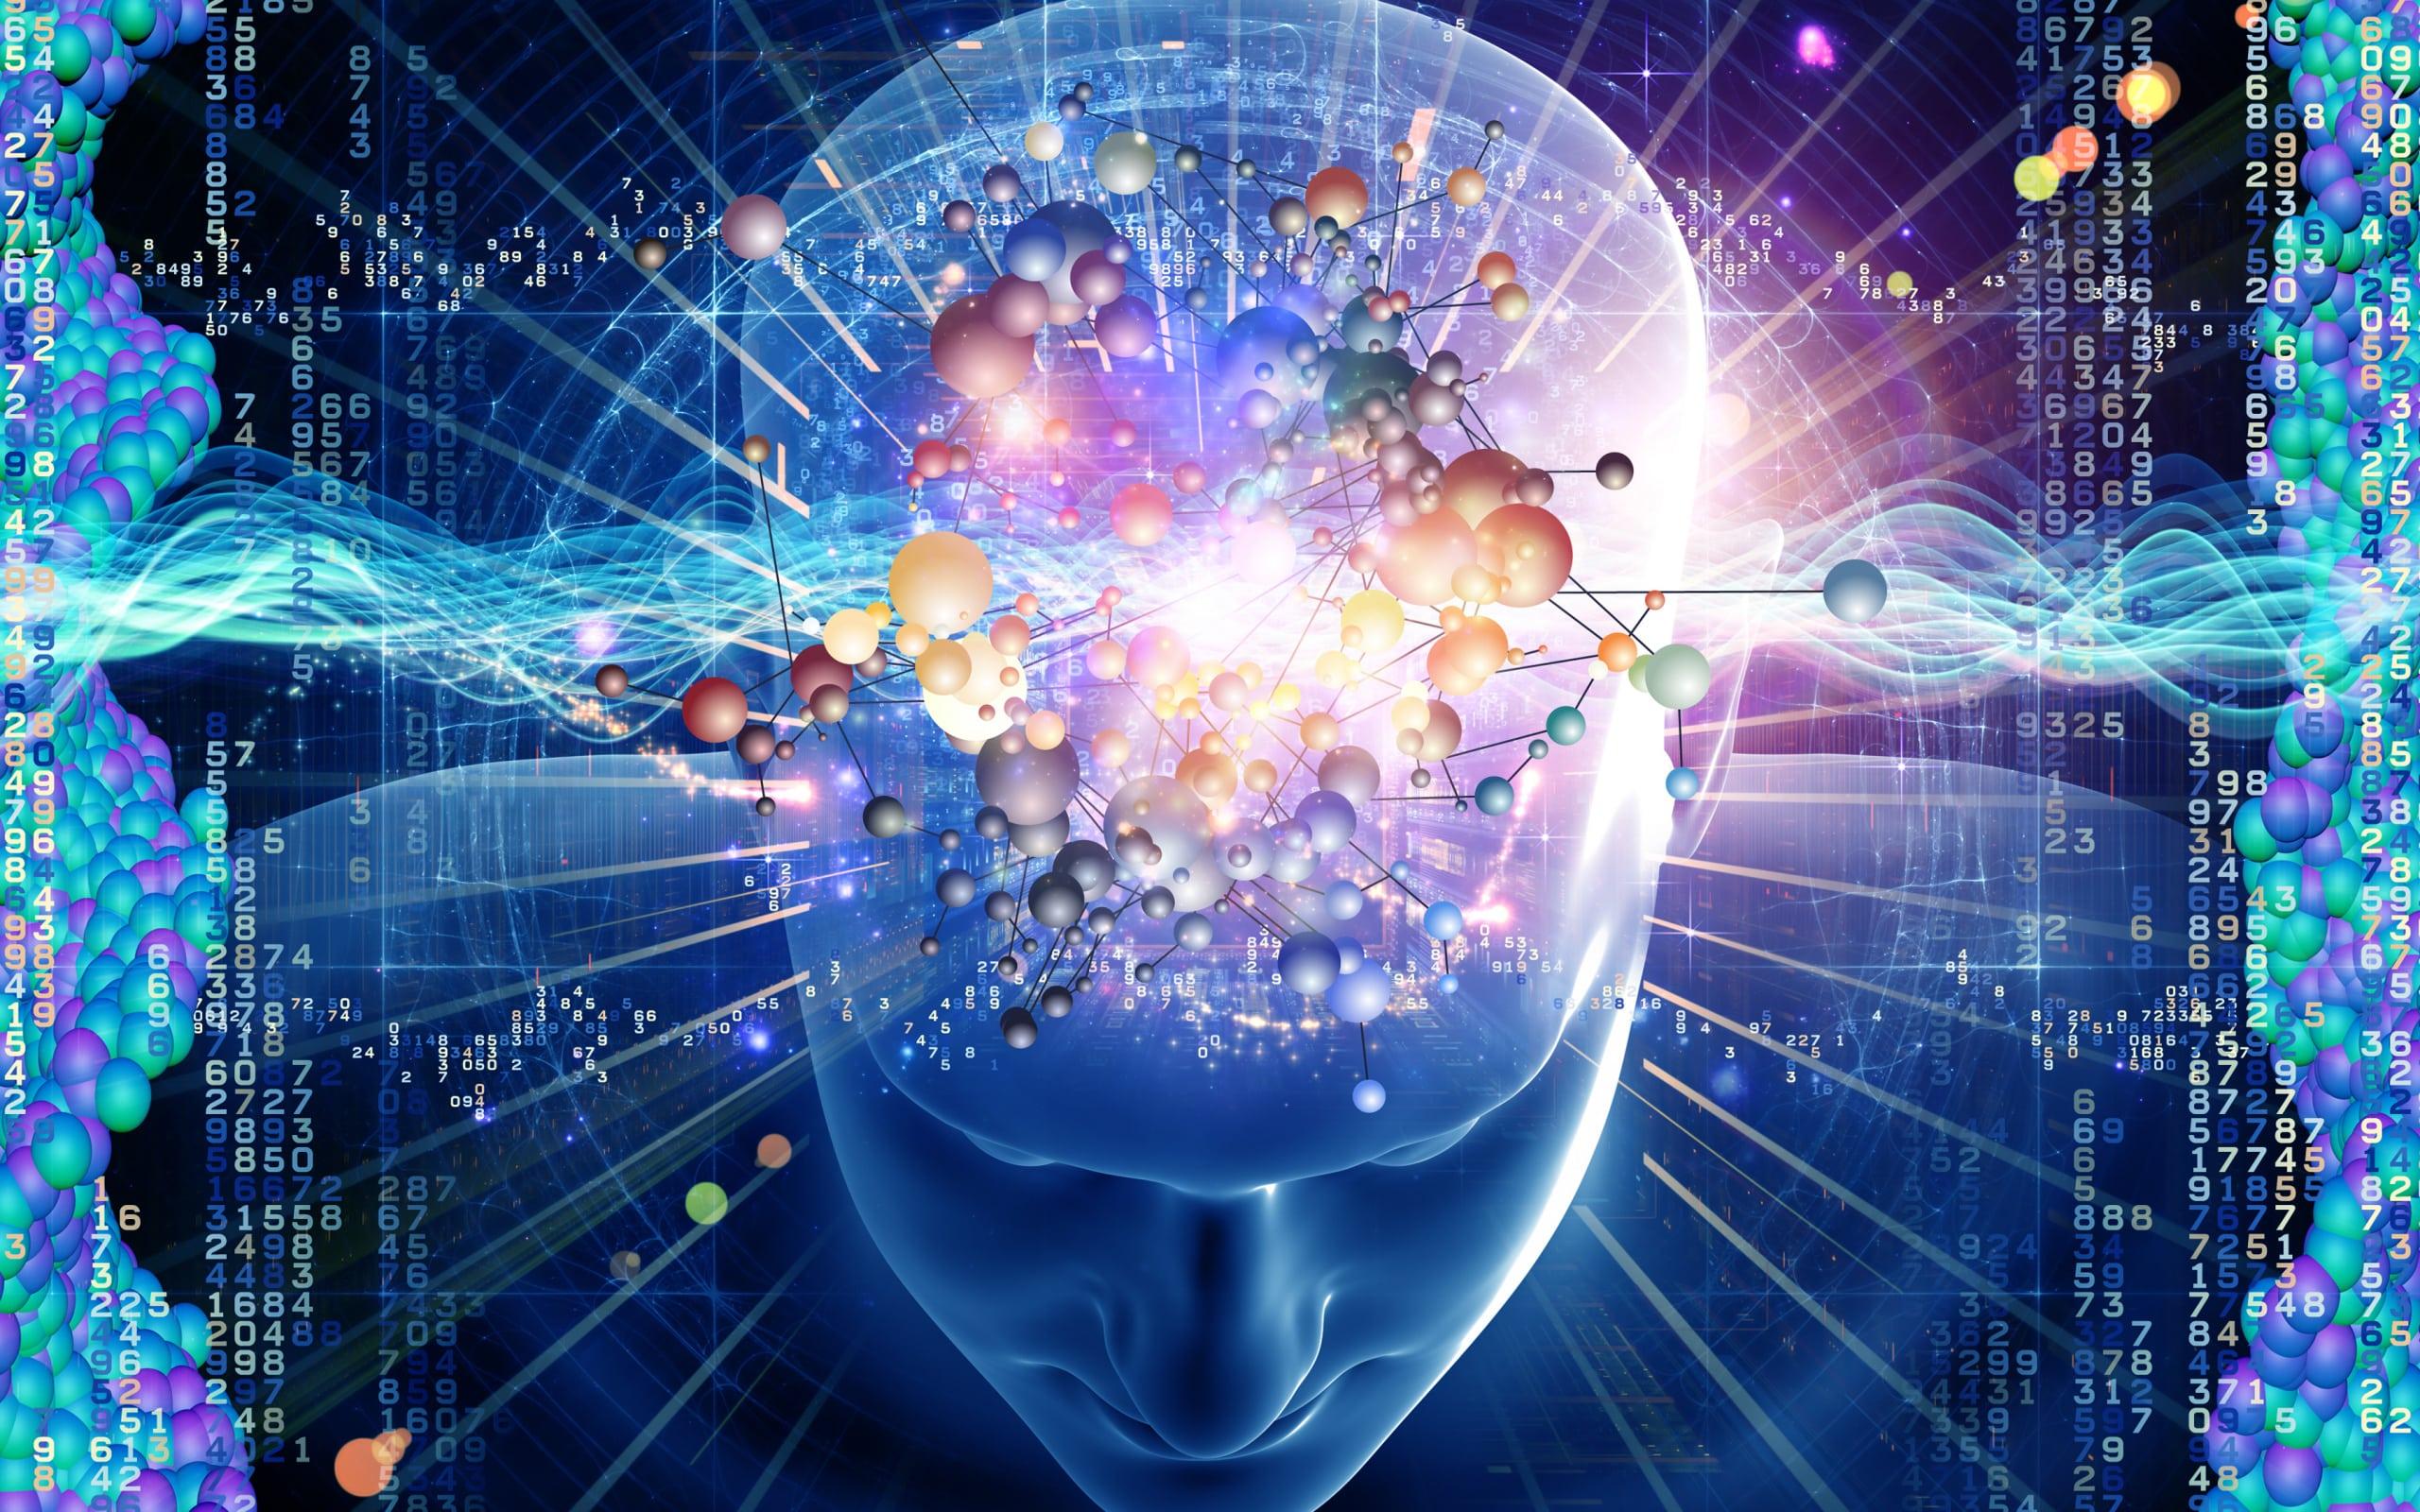 Subconscious Soul Database